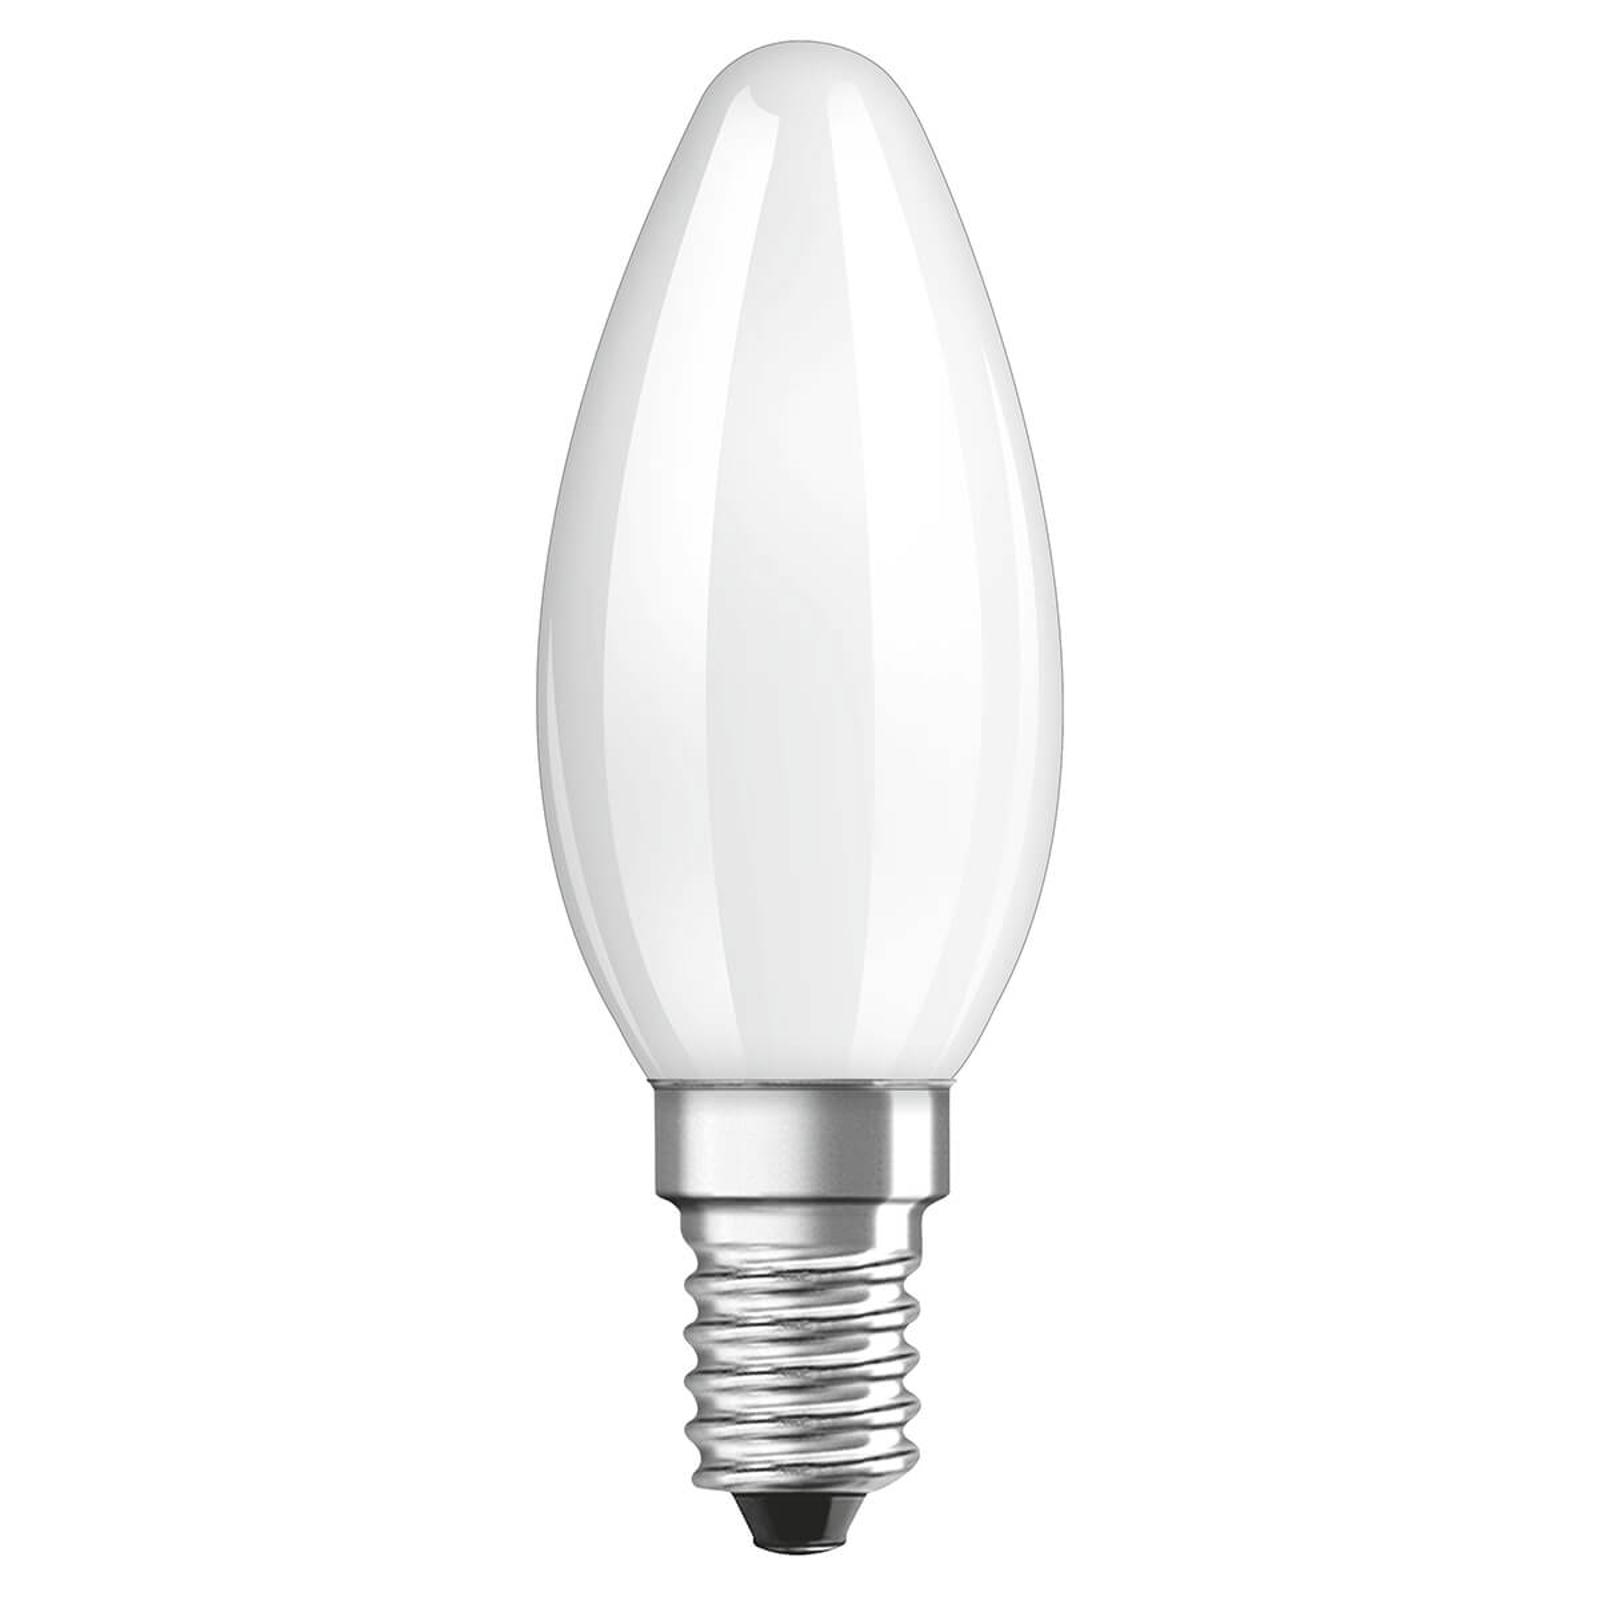 OSRAM ampoule flamme LED E14 4W 4000K mate